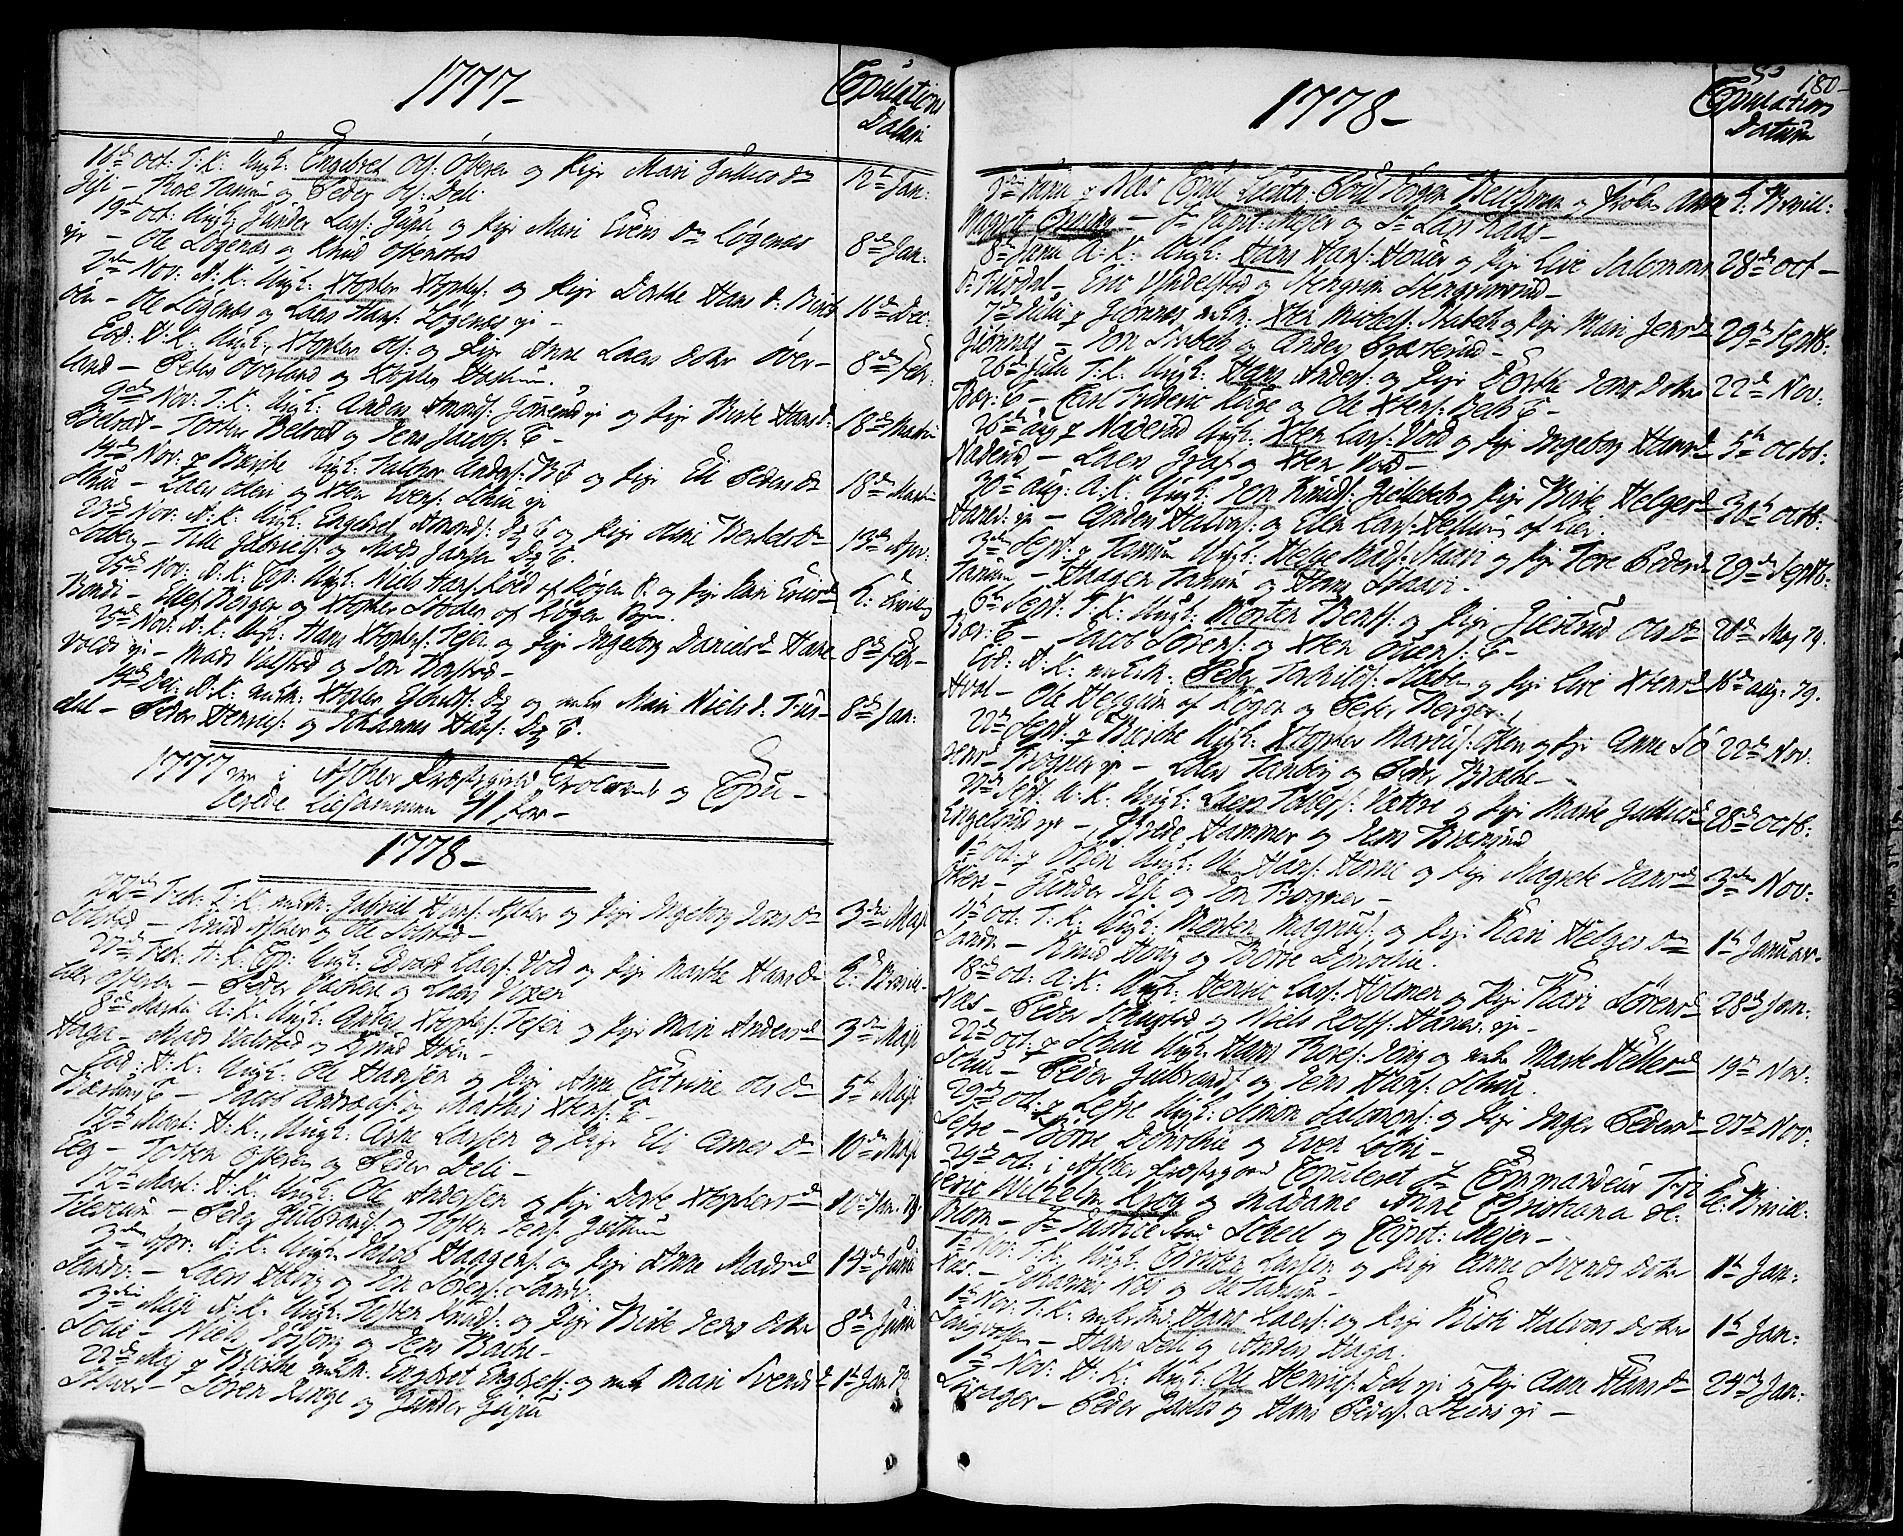 SAO, Asker prestekontor Kirkebøker, F/Fa/L0003: Ministerialbok nr. I 3, 1767-1807, s. 180